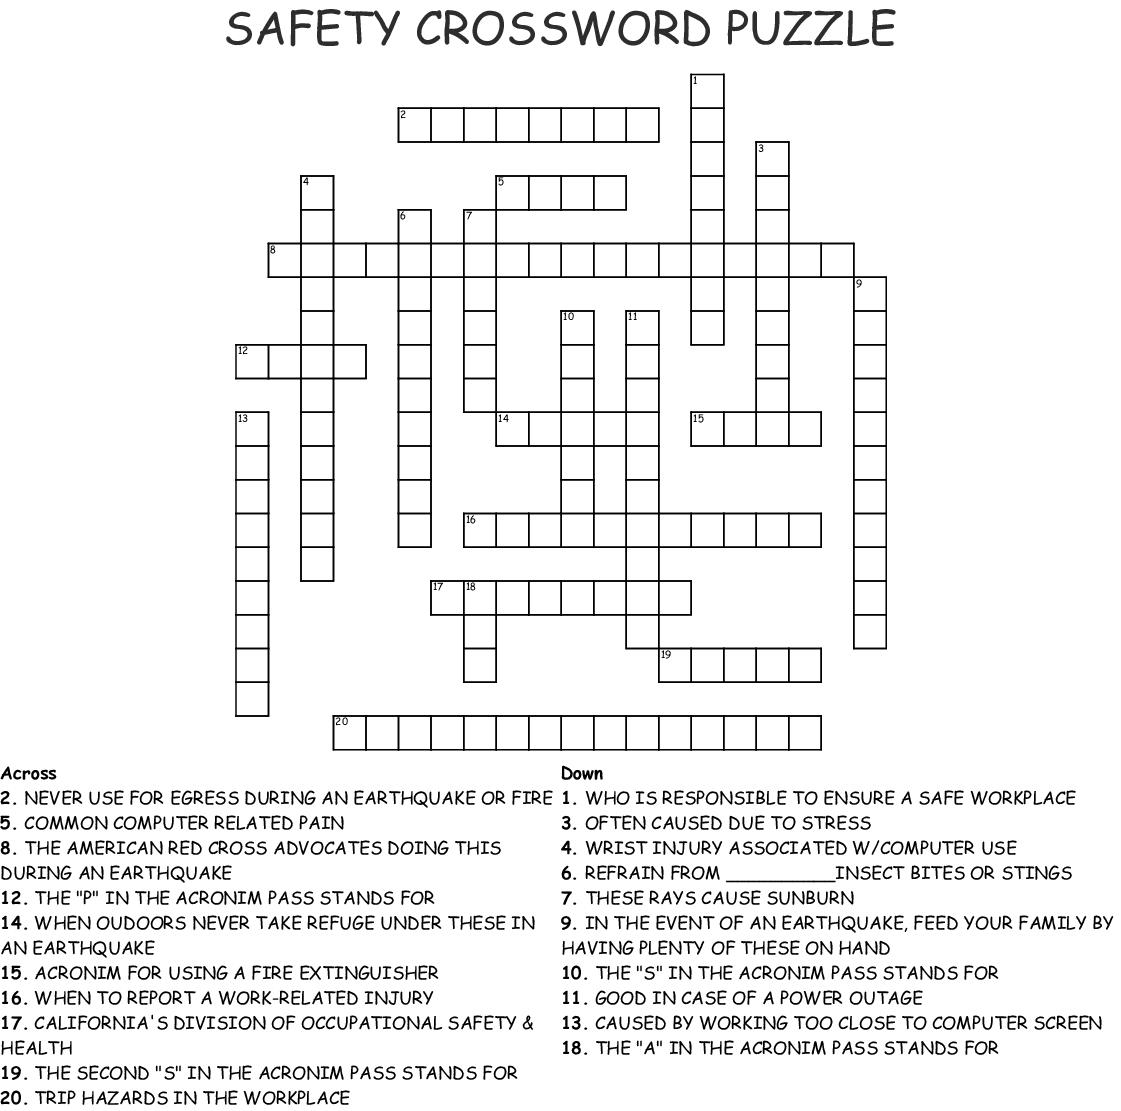 Safety Crossword Puzzle Crossword - Wordmint - Fire Safety Crossword Puzzle Printable